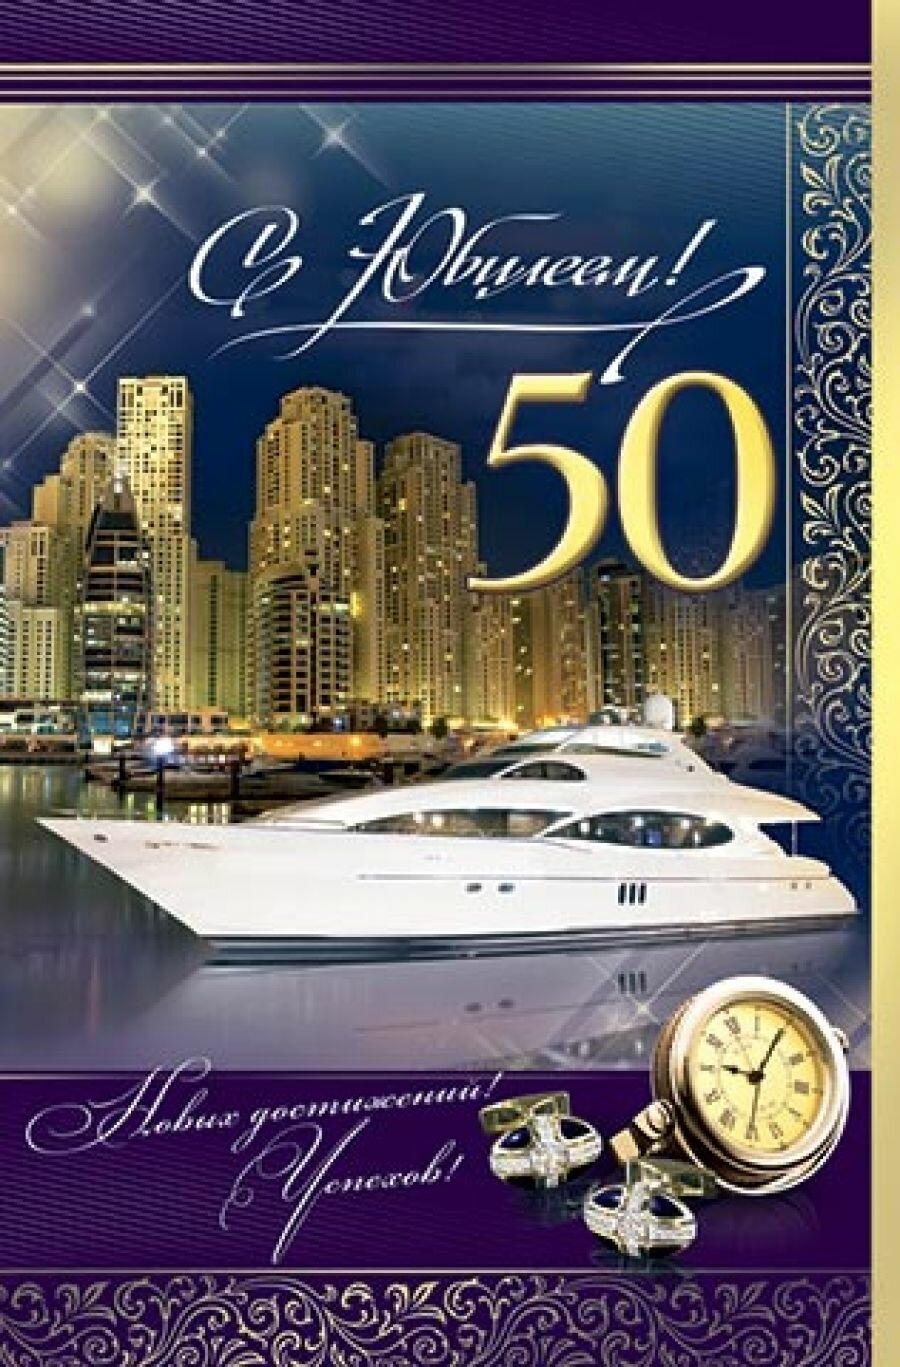 Поздравления открытки с днем рождения мужчине 50 лет